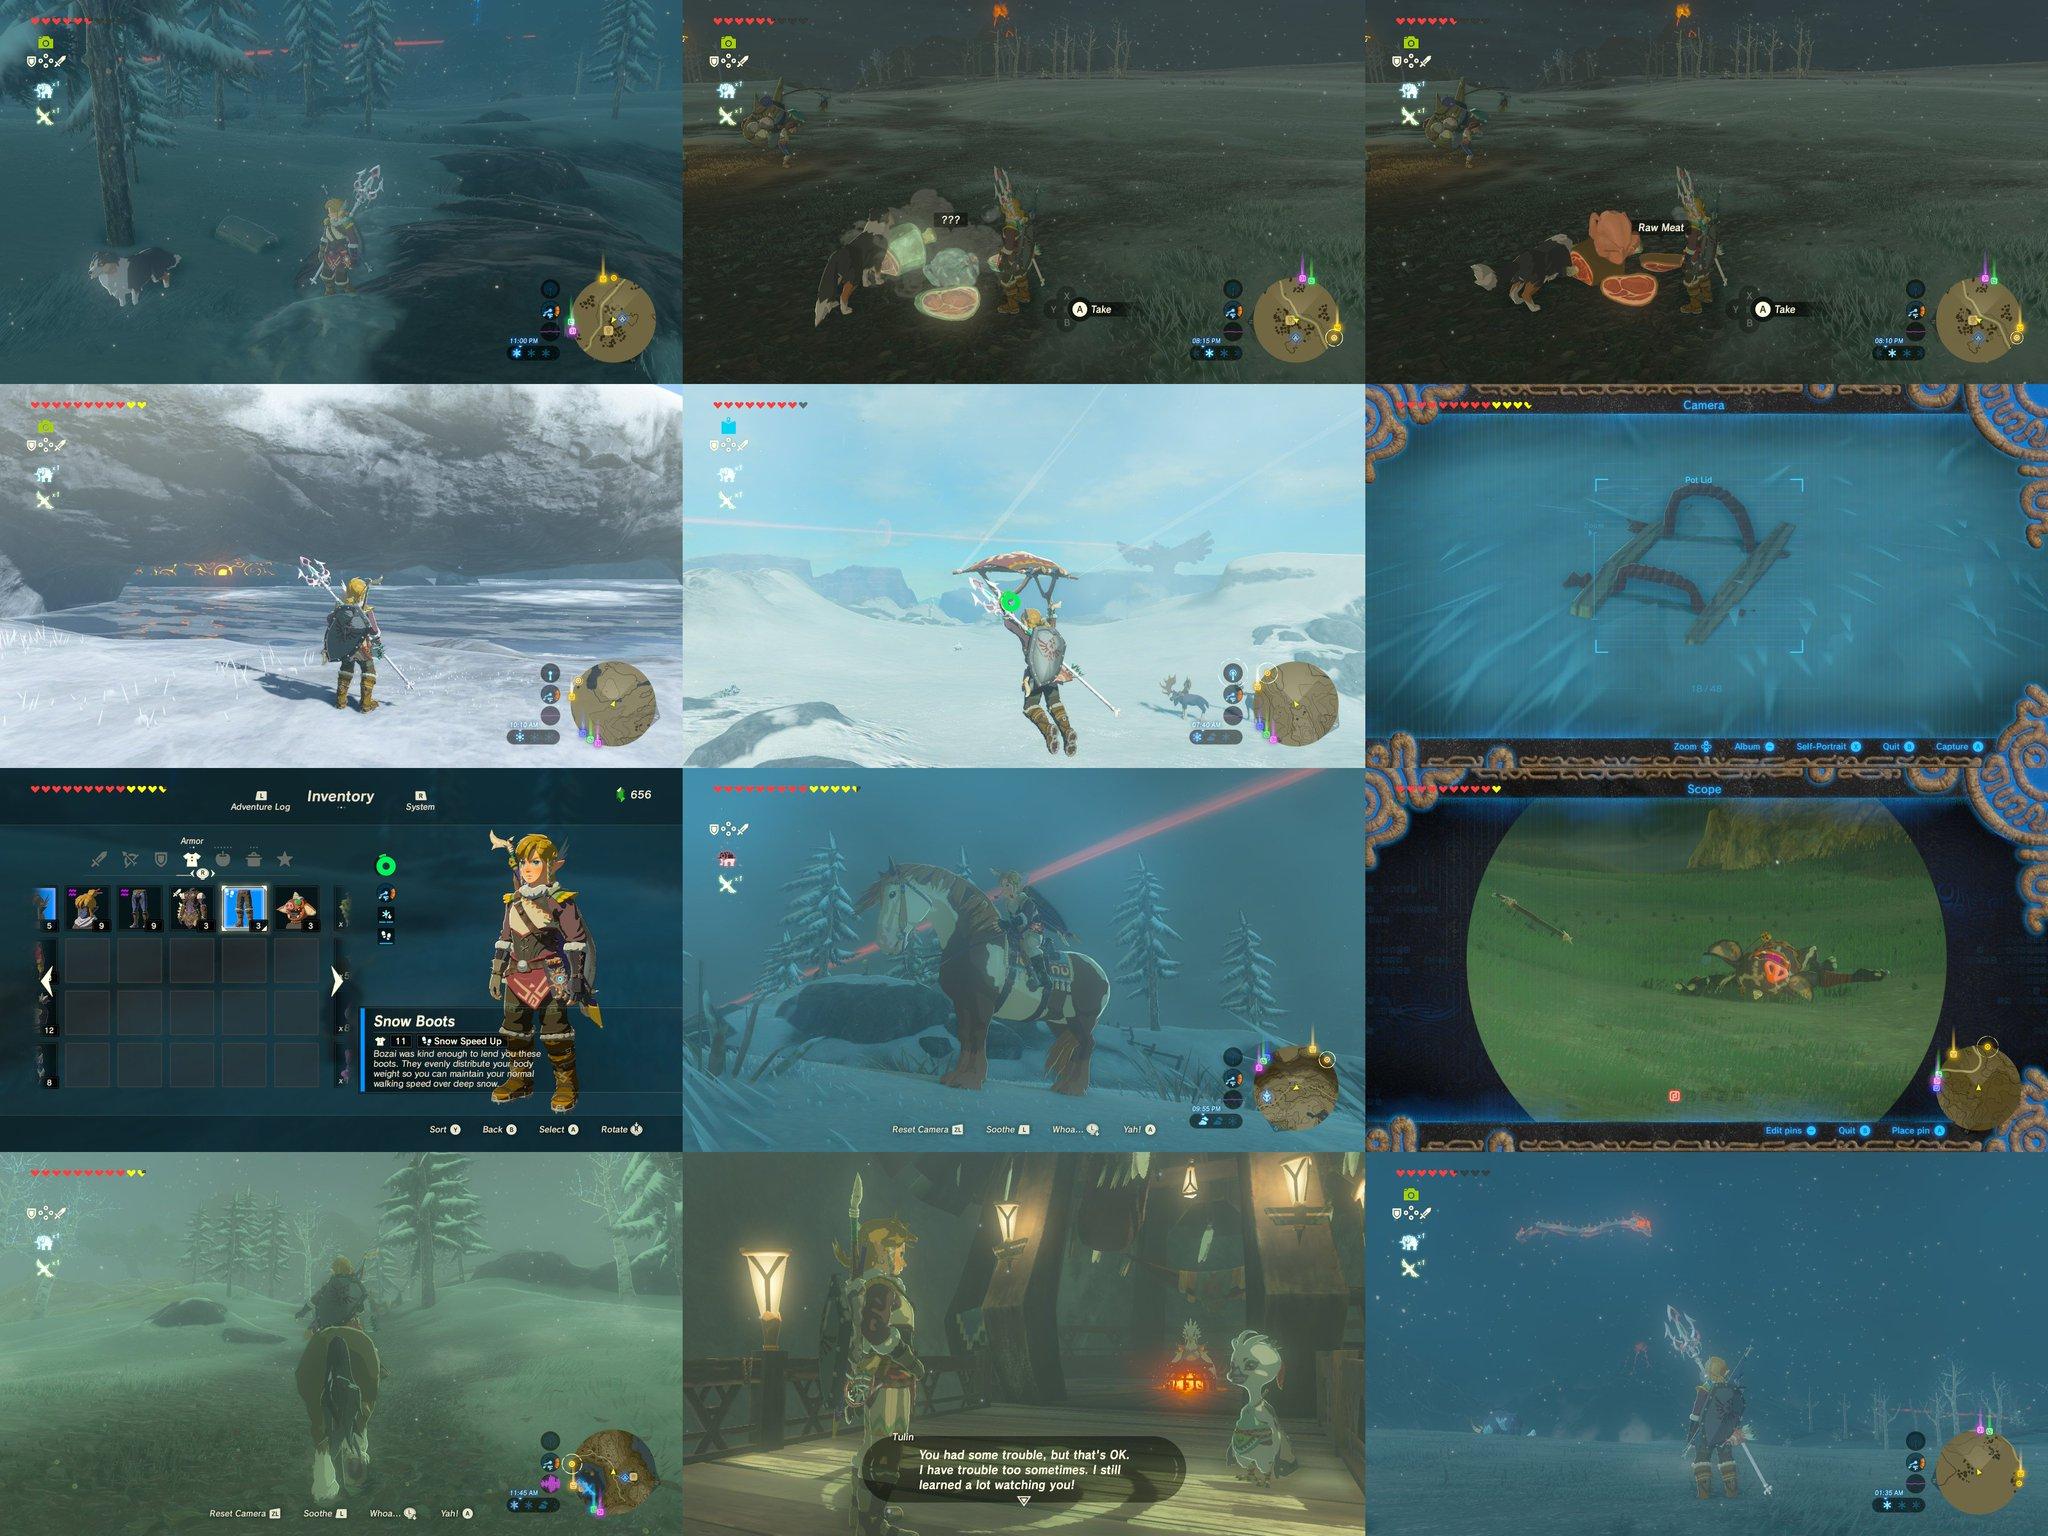 ここほれワンワンやってみた。スノーブーツをくれたボテンサさんは英語版だと Bozai さんらしい。乗馬の練習どうどう。魔物が寝てるのでふいうち。 鍋のフタが雪に埋もれててナニコレ的な。 #ゼルダの伝説 #BreathoftheWild #NintendoSwitch https://t.co/00n2TBSGl2